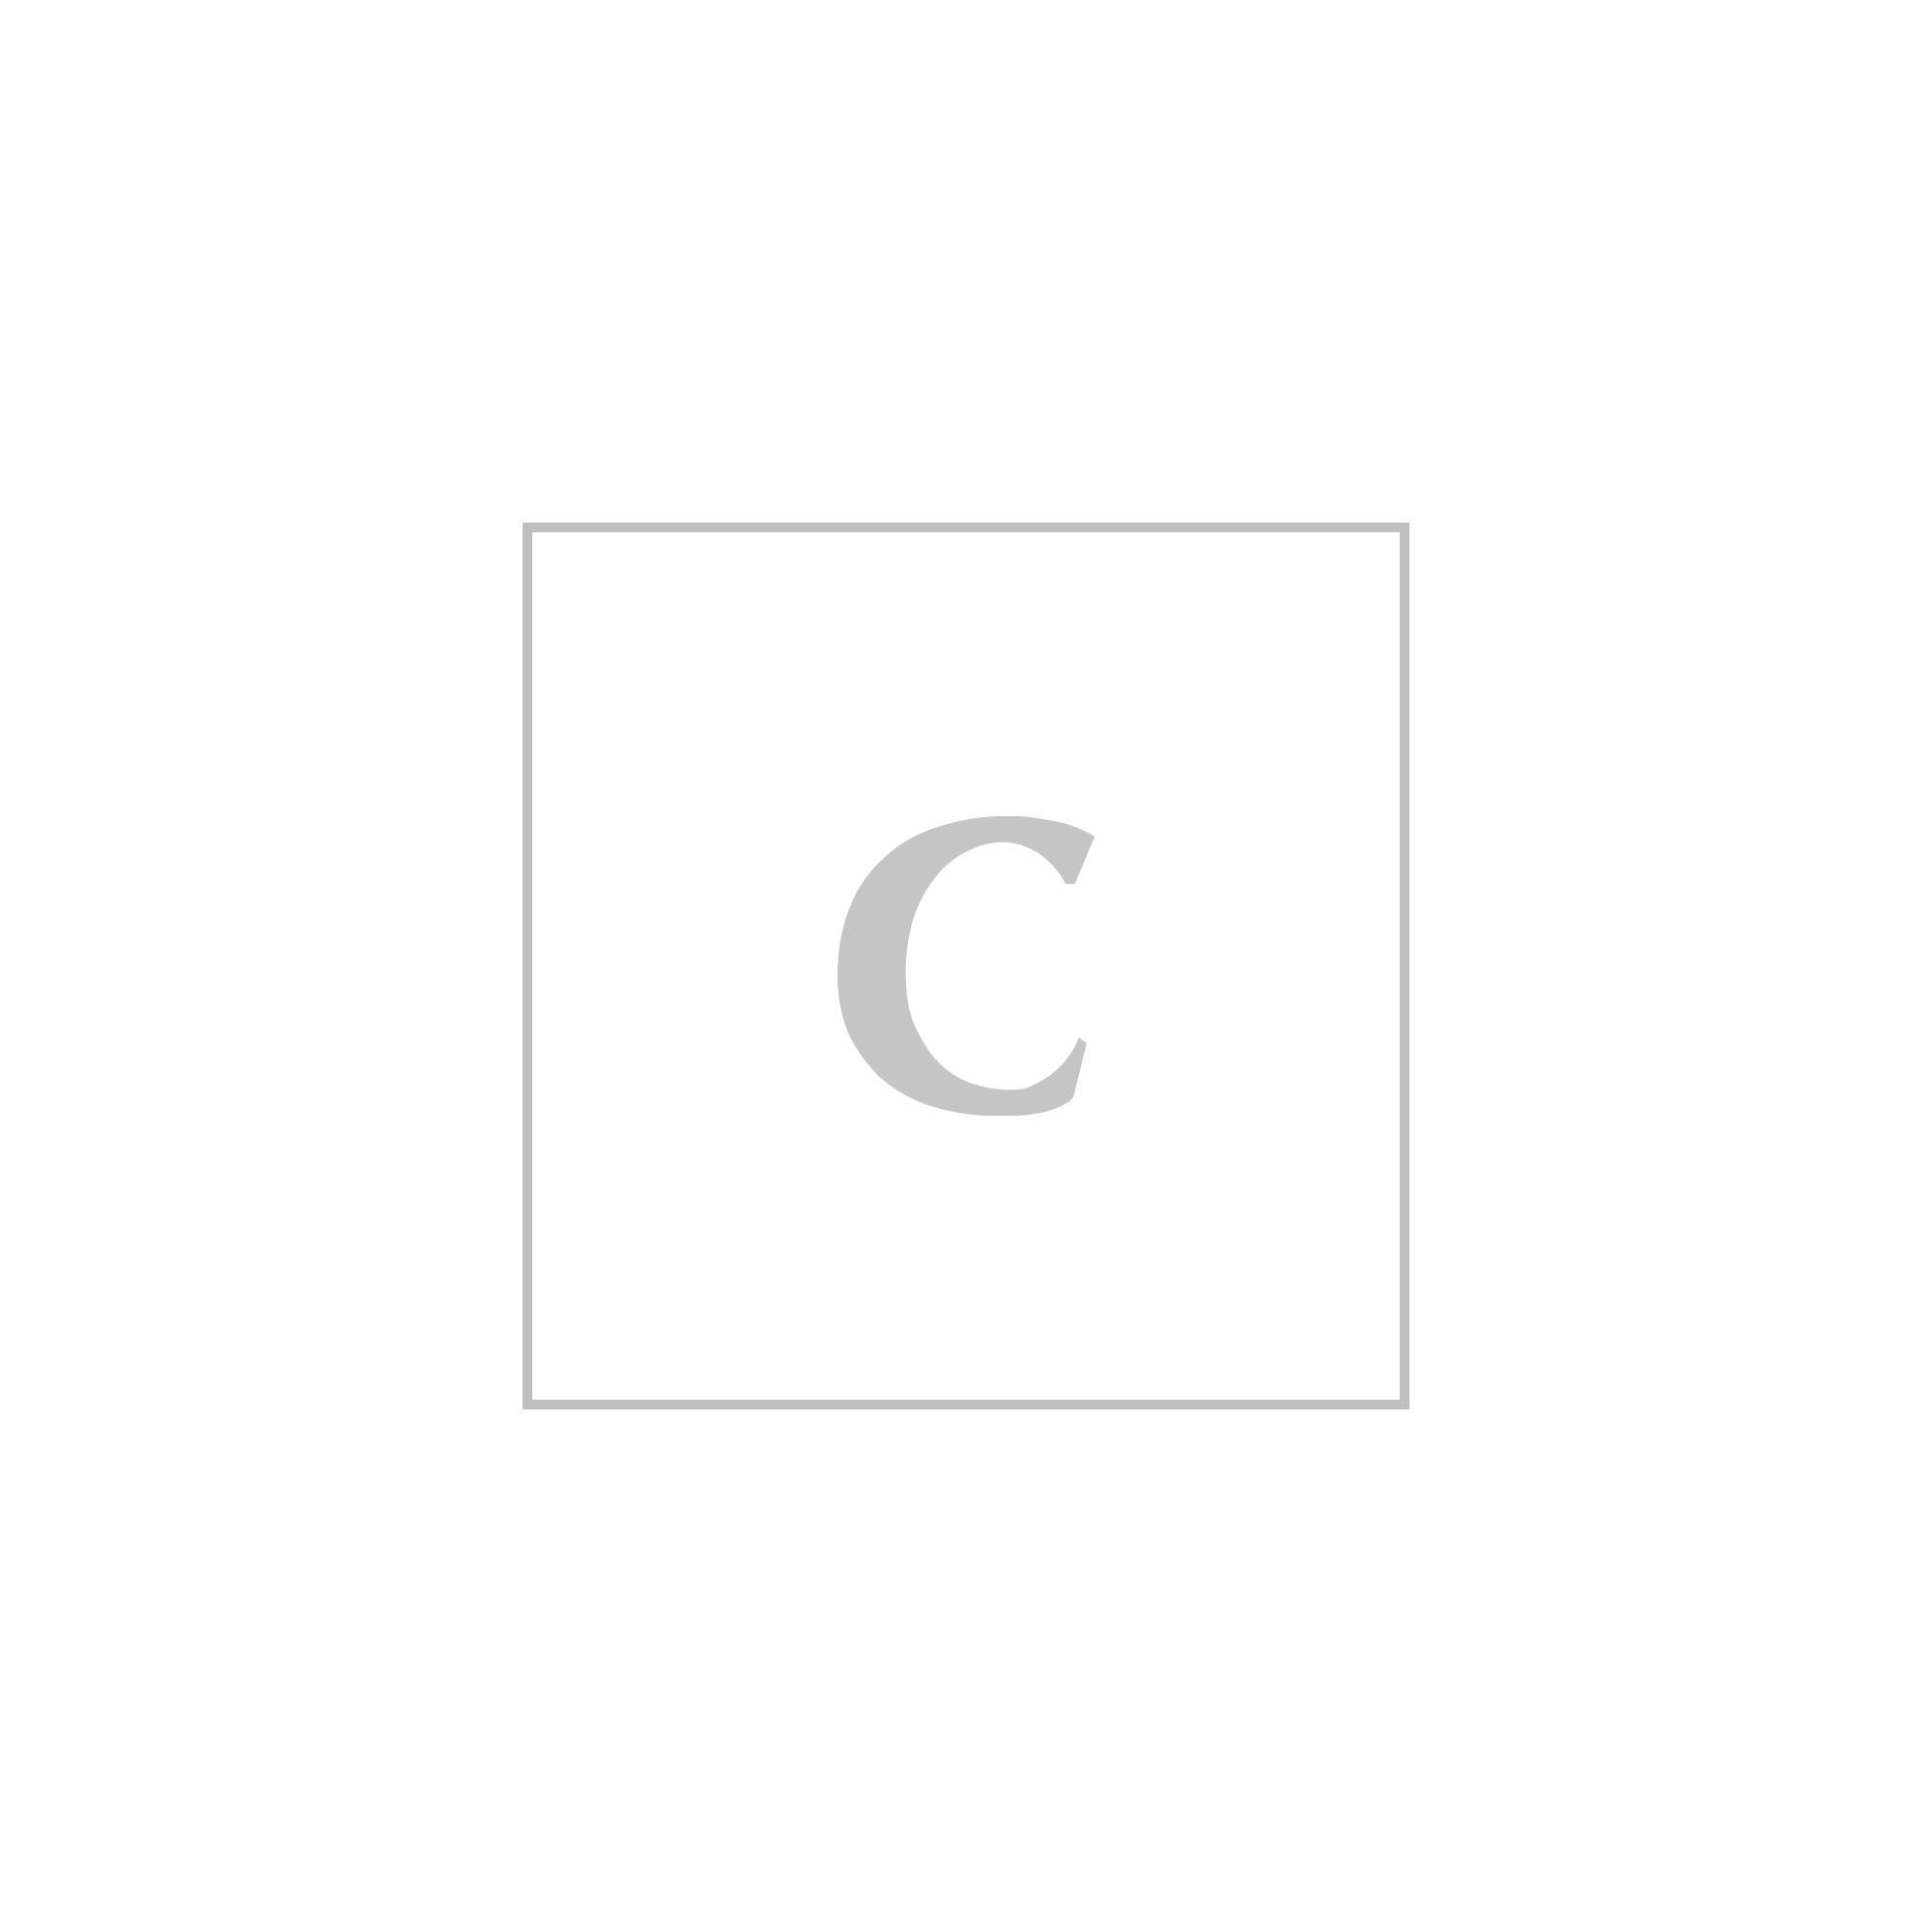 Dolce & gabbana maiolica top